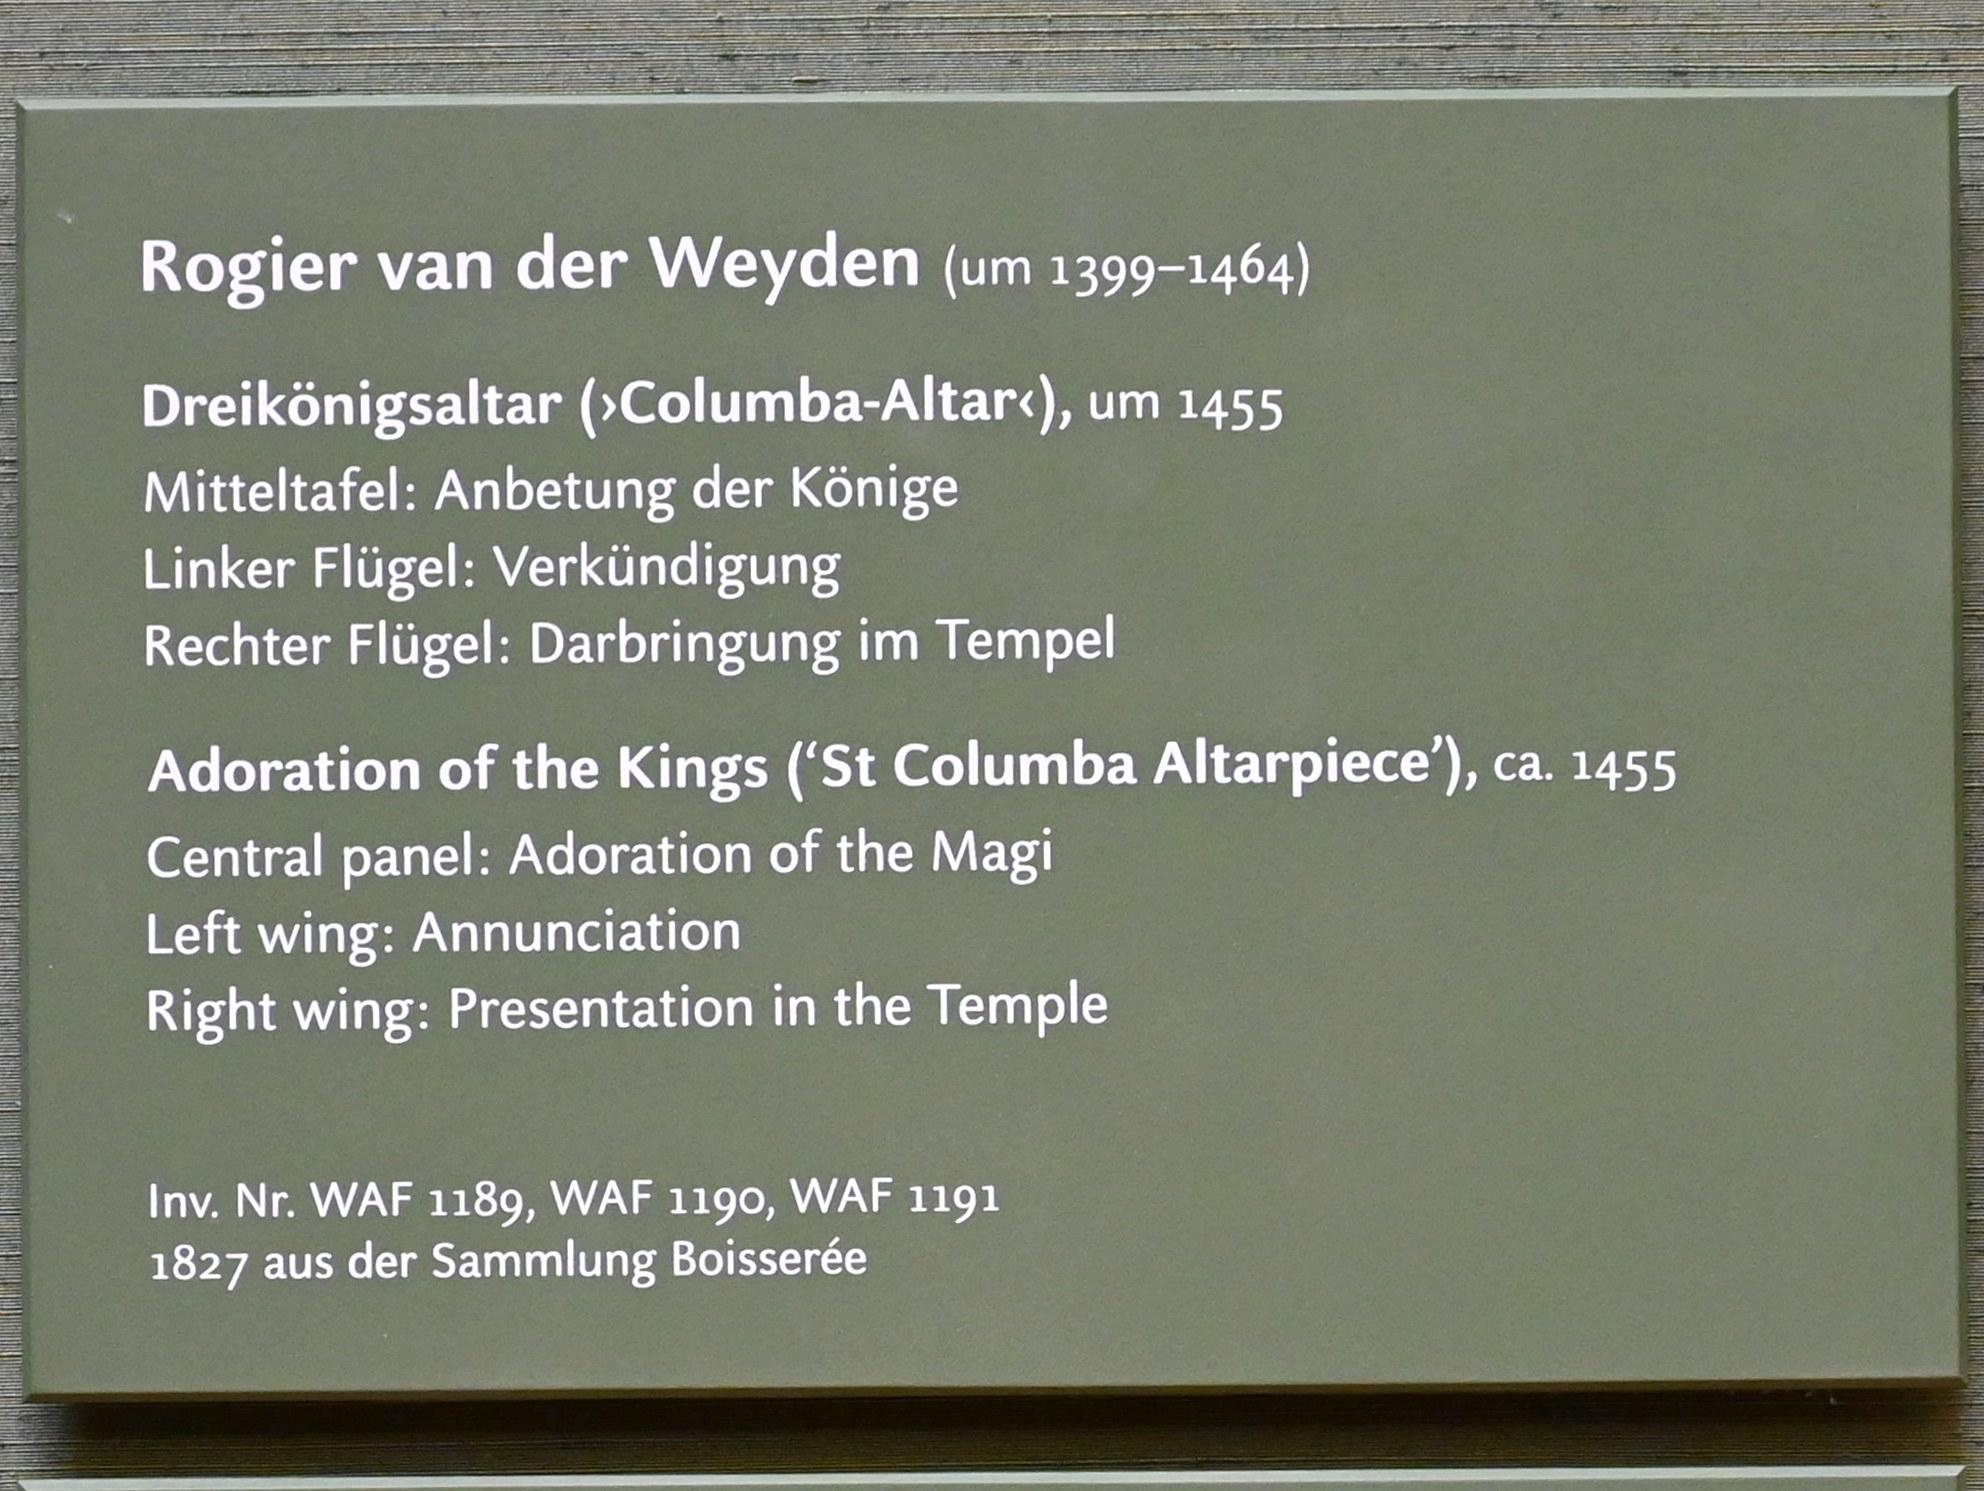 """Rogier van der Weyden: Dreikönigsaltar (""""Columba-Altar""""), um 1455, Bild 2/2"""